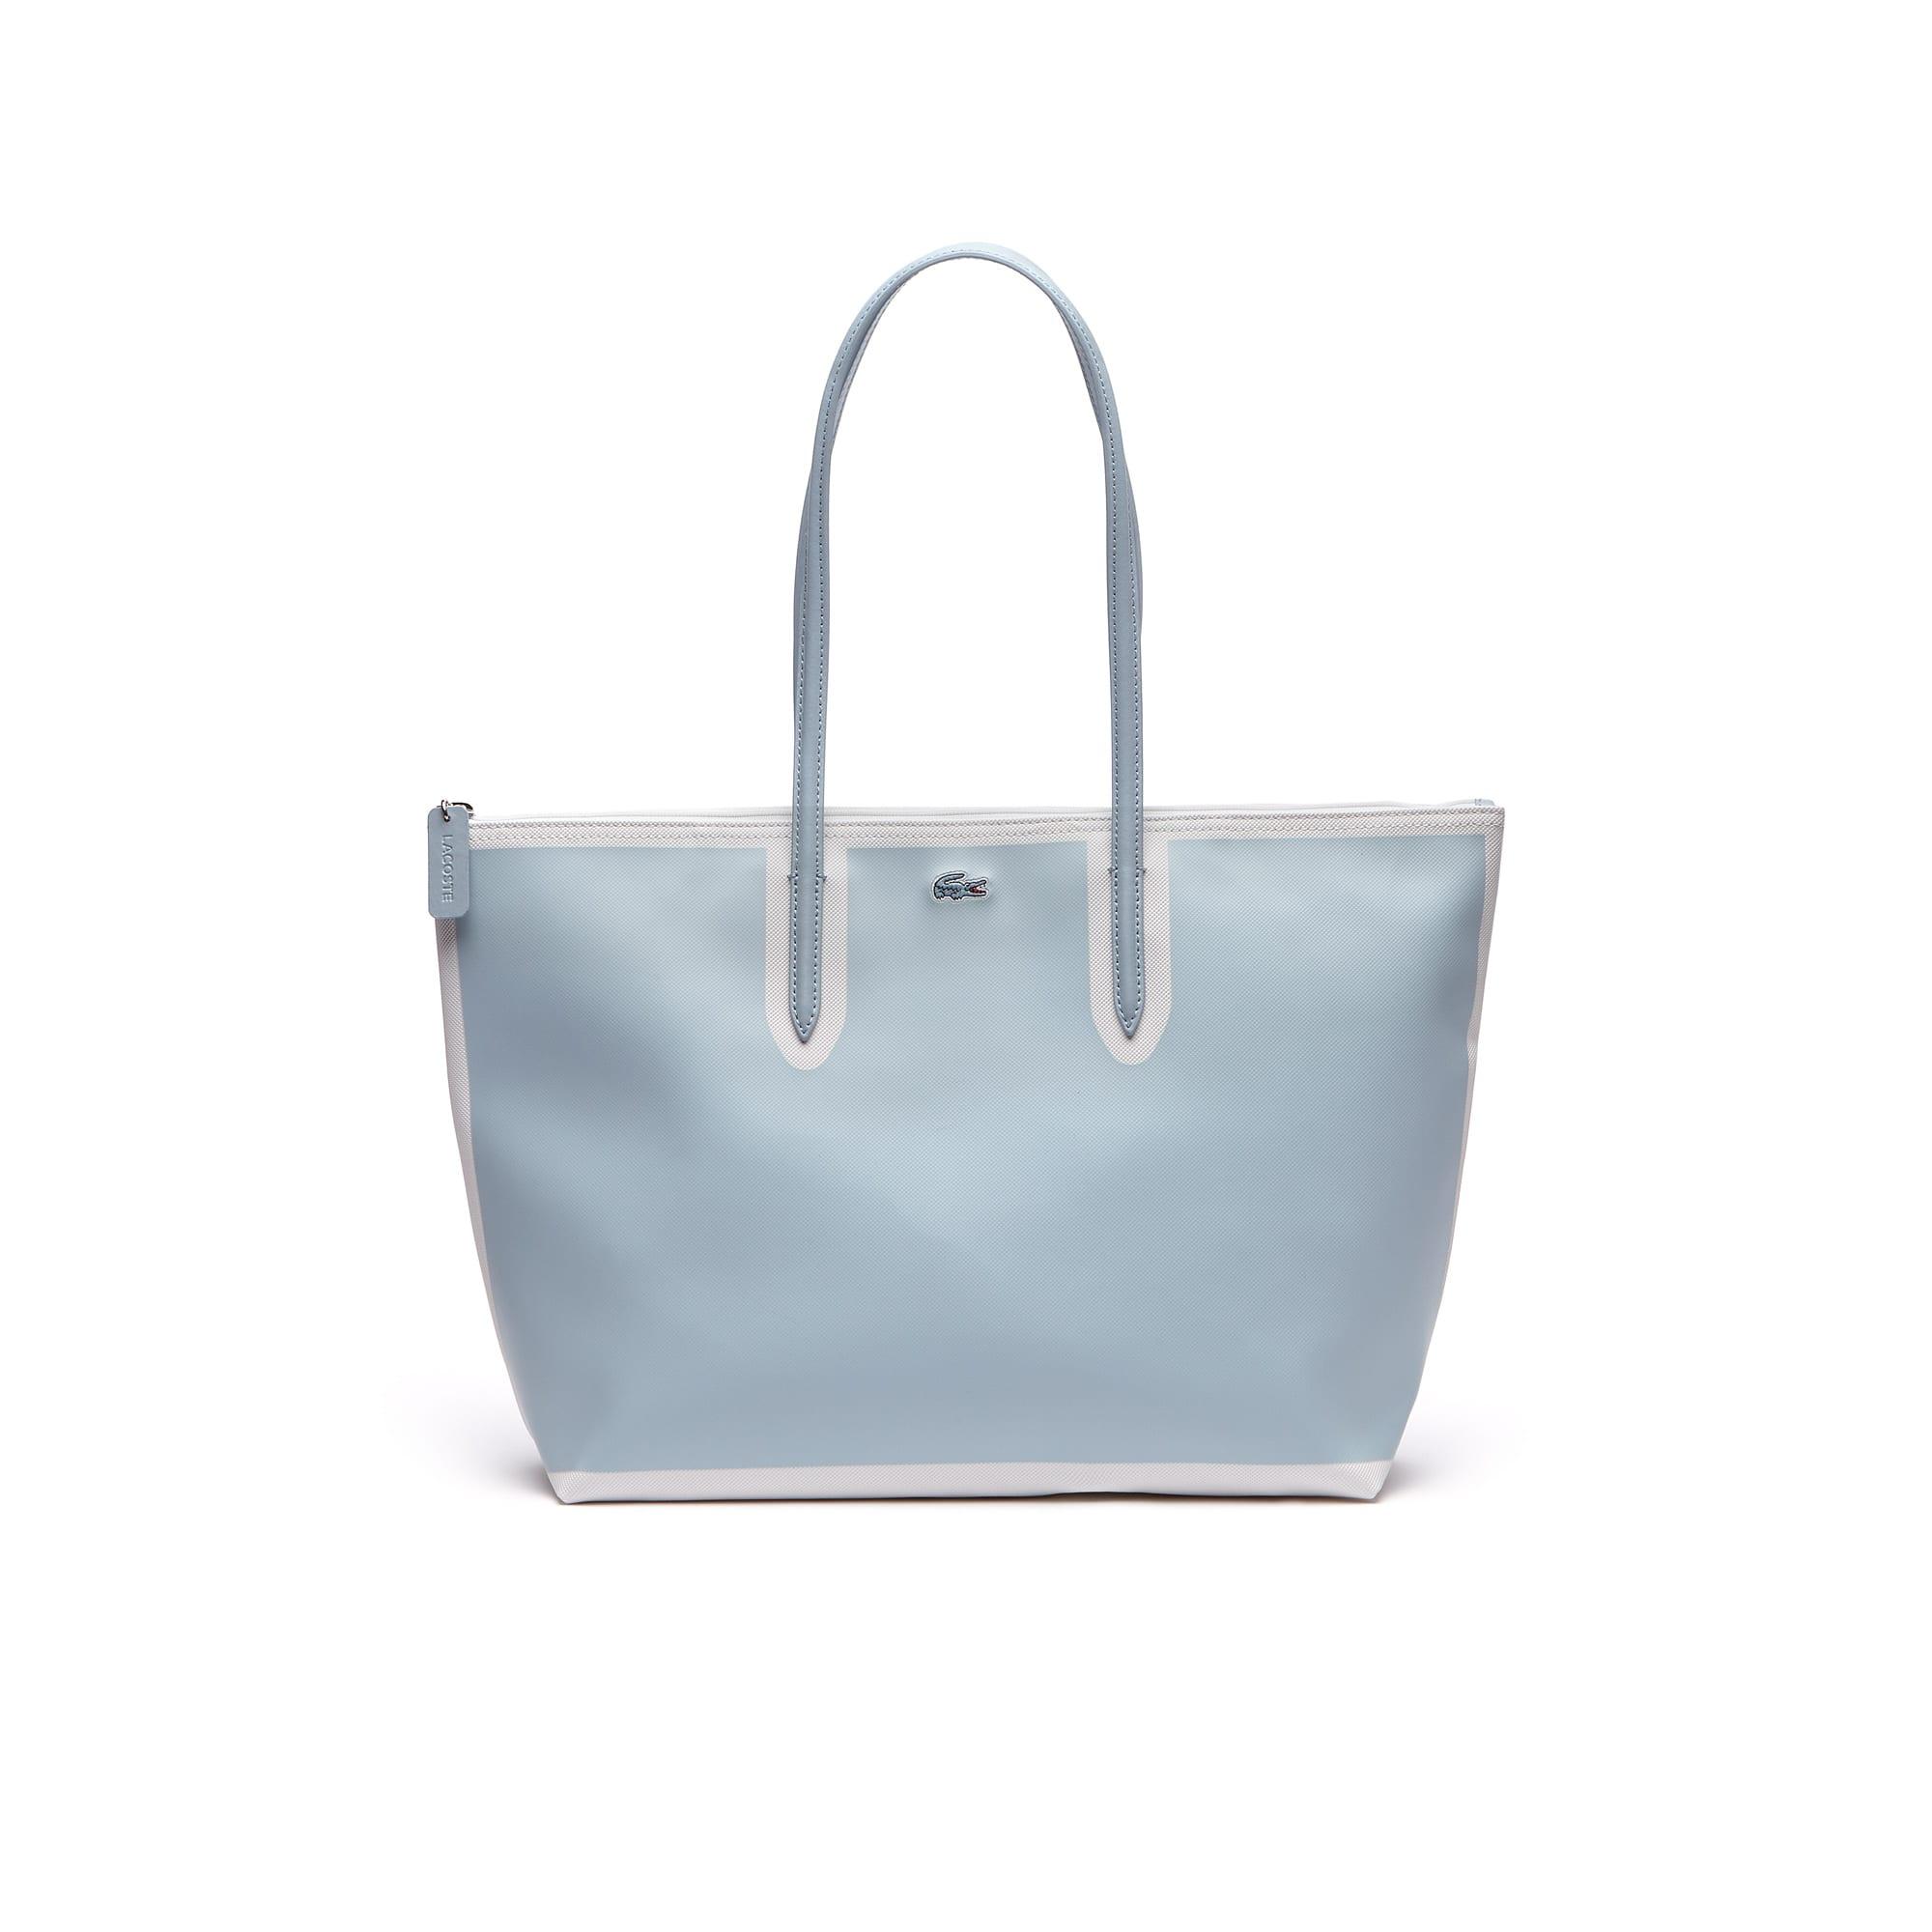 5551510036 Grand sac cabas zippé L.12.12 Concept petit piqué ...